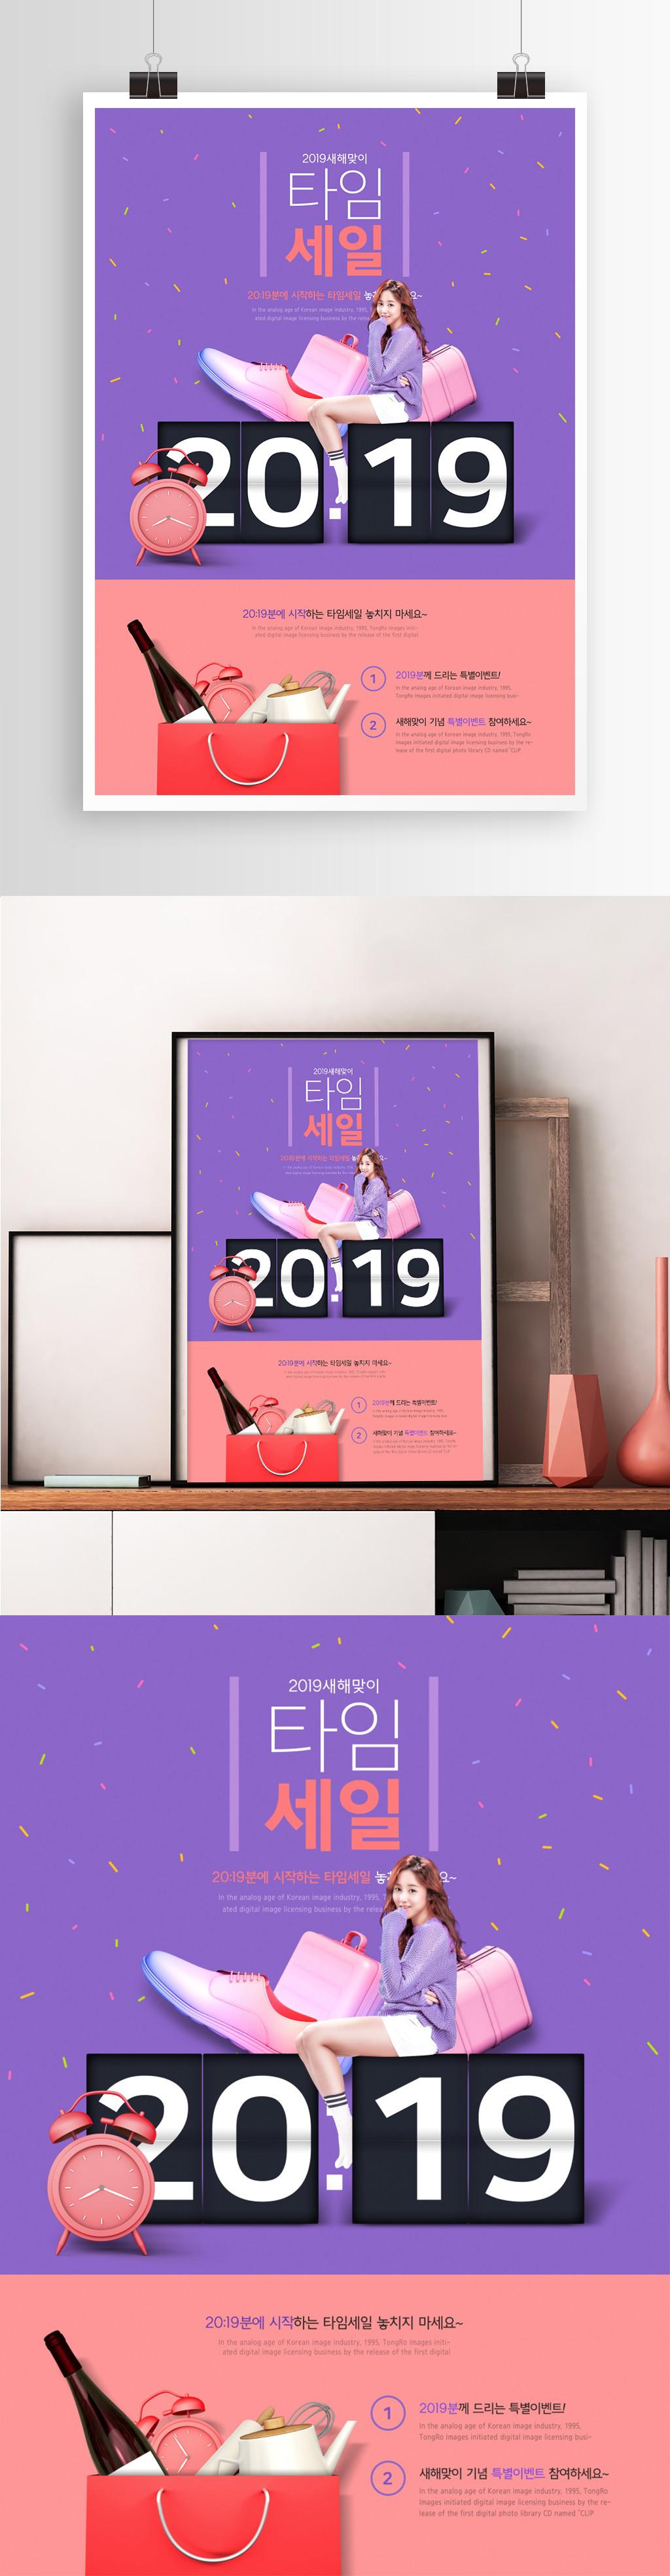 2019猪年鞋靴箱包倒计时产品促销海报